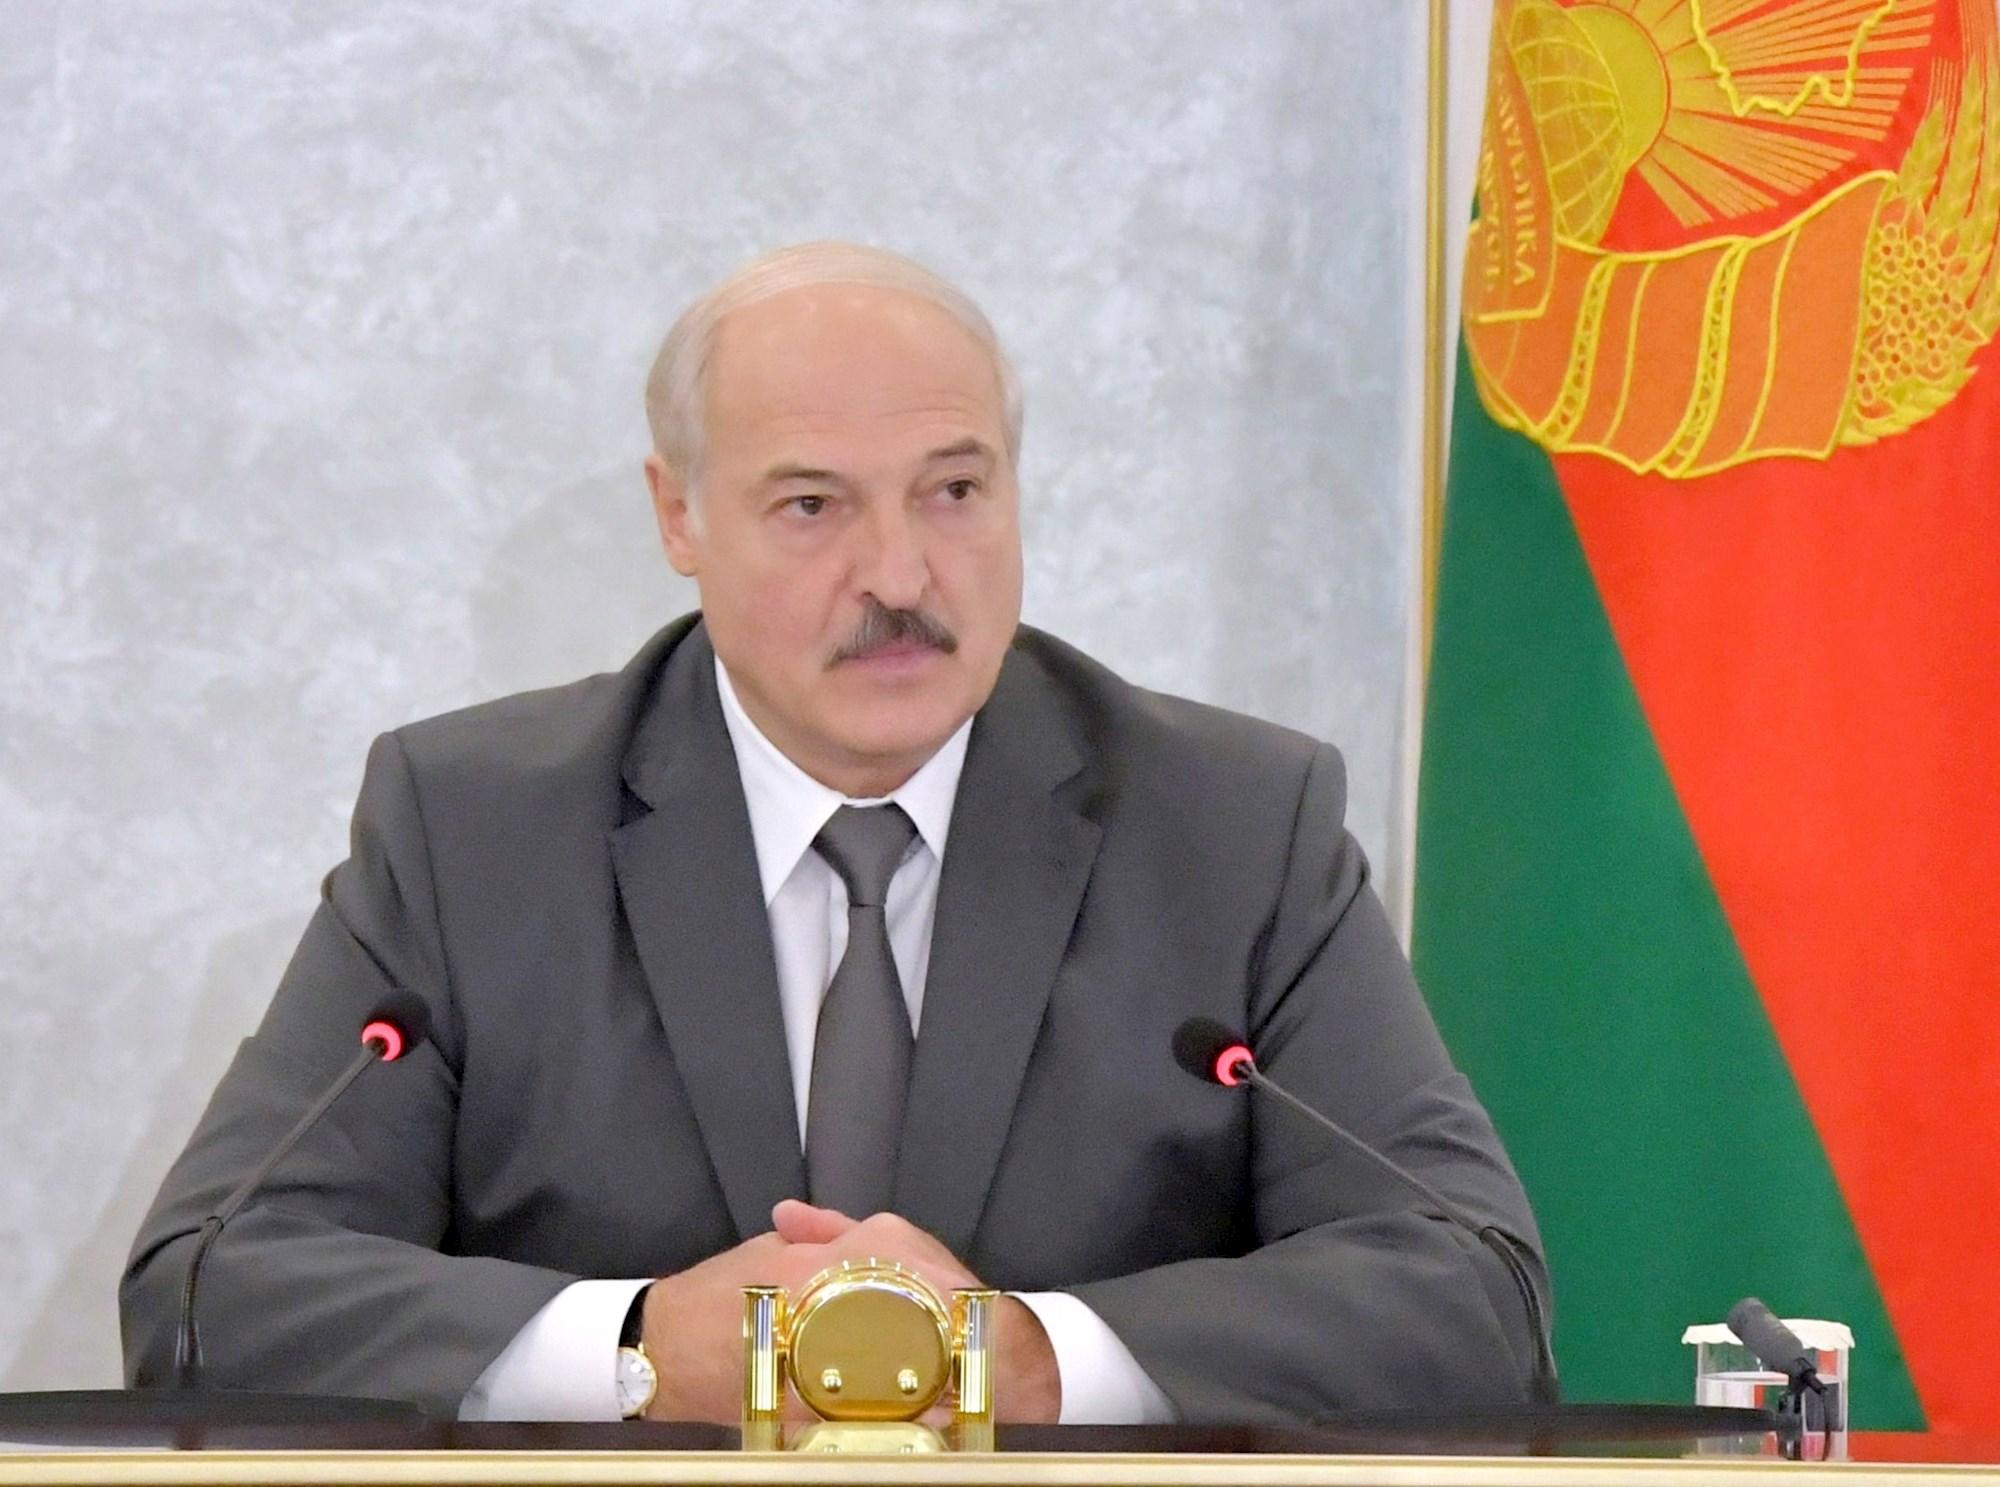 Aleksandr Lukashenko, cuestionado tras unas elecciones sospechosas (EFE)